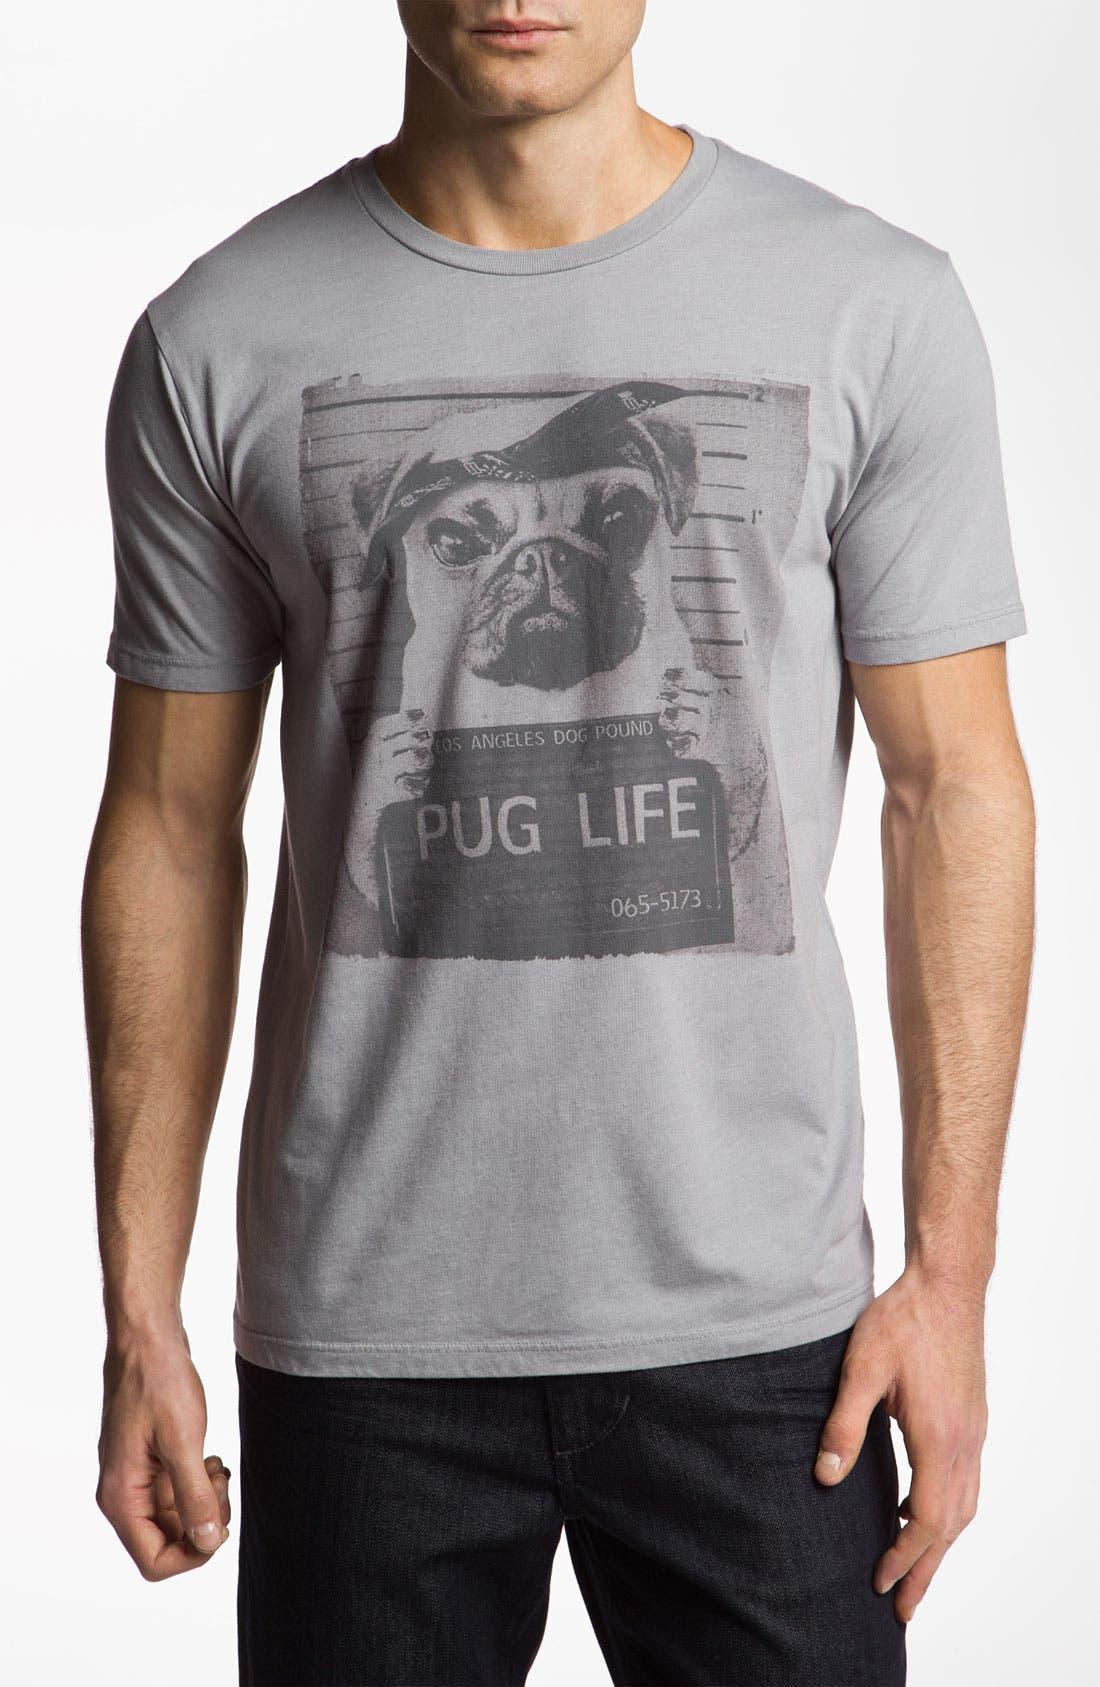 Main Image - Junk Food 'Pug Life' T-Shirt